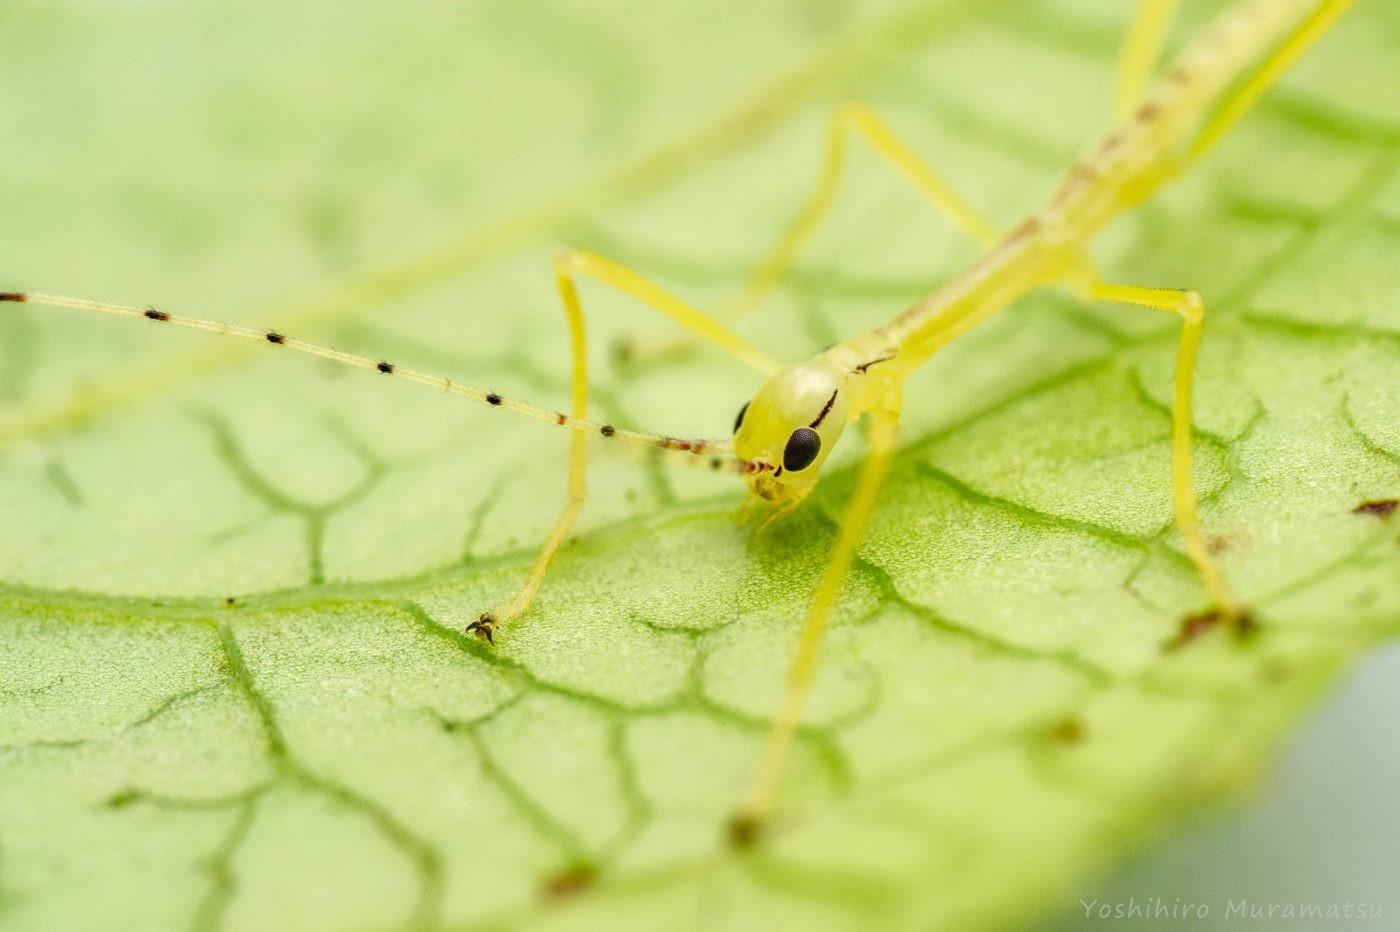 シラキトビナナフシの幼虫の写真